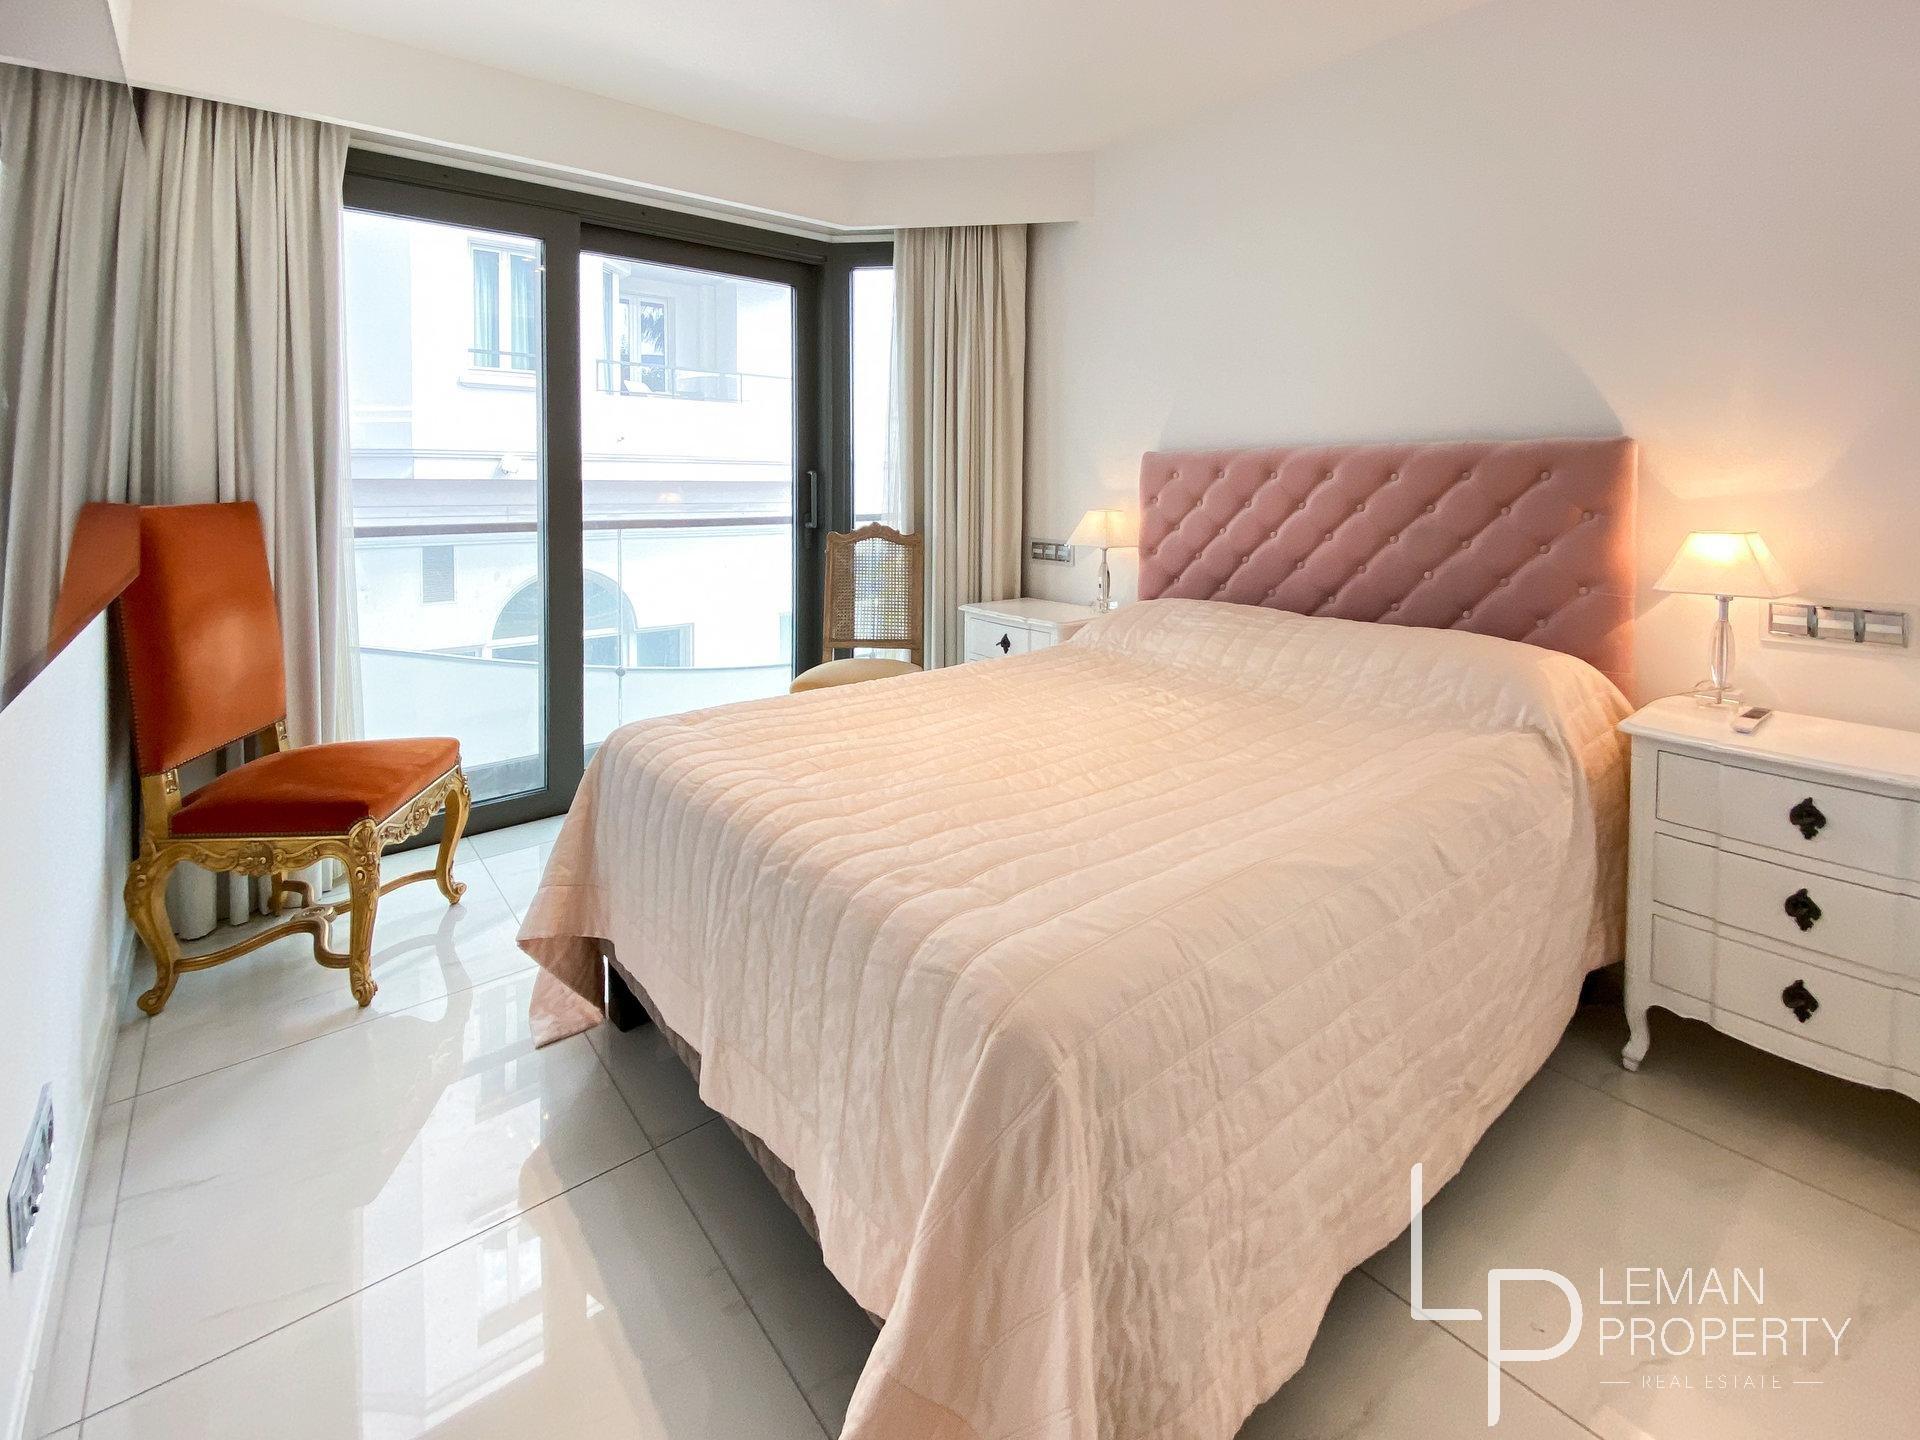 appartement disponible à la vente à Cannes